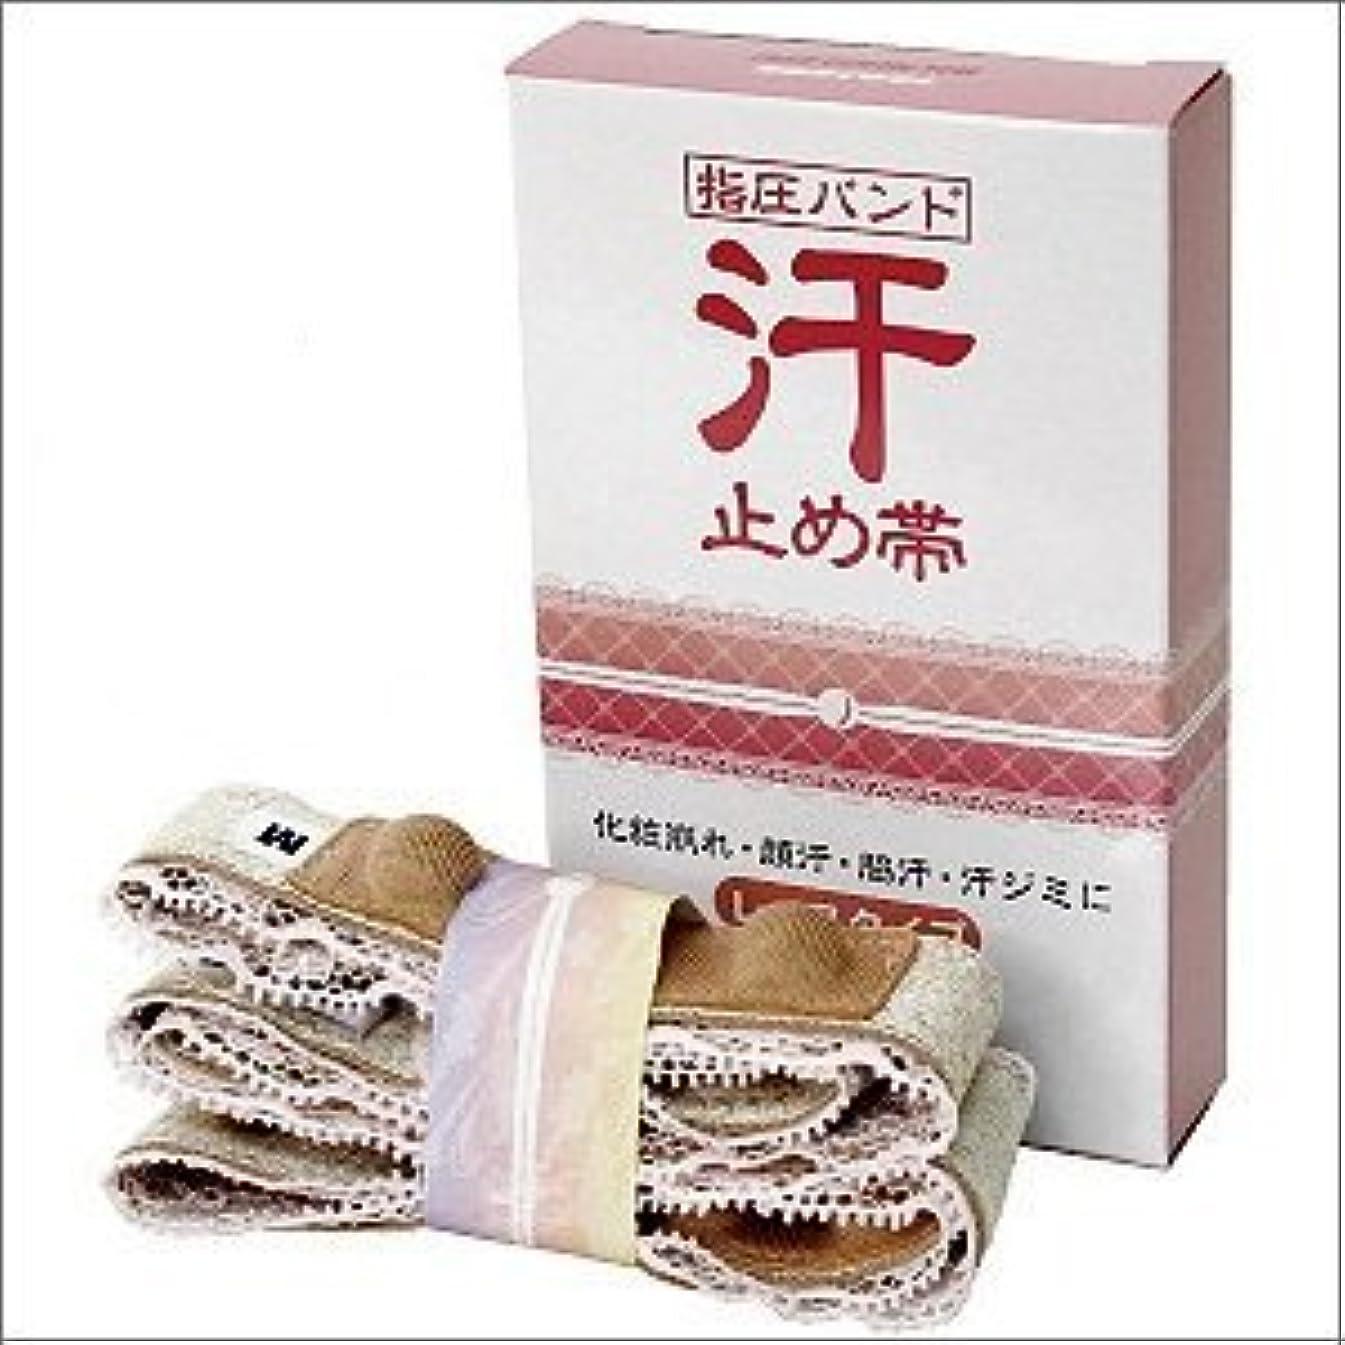 銅所持放射する汗止め帯 レースタイプ (XL(1050~1150mm), ピンク)